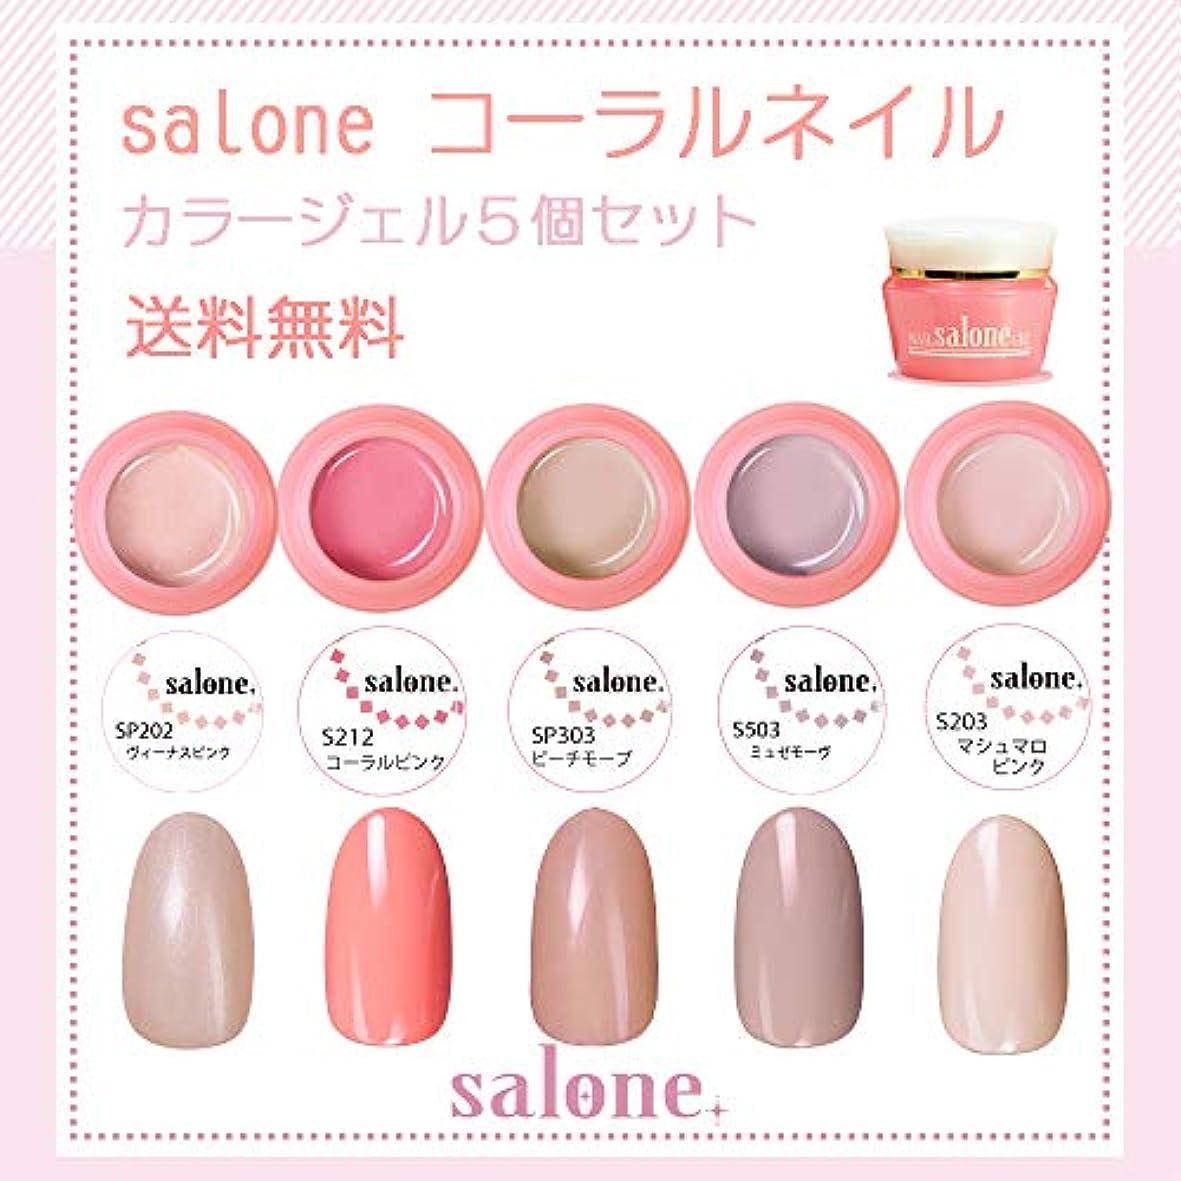 アラブ人歴史的主に【送料無料 日本製】Salone コーラルネイル カラージェル5個セット 明るくて肌なじみの良い人気カラーをチョイスしました。